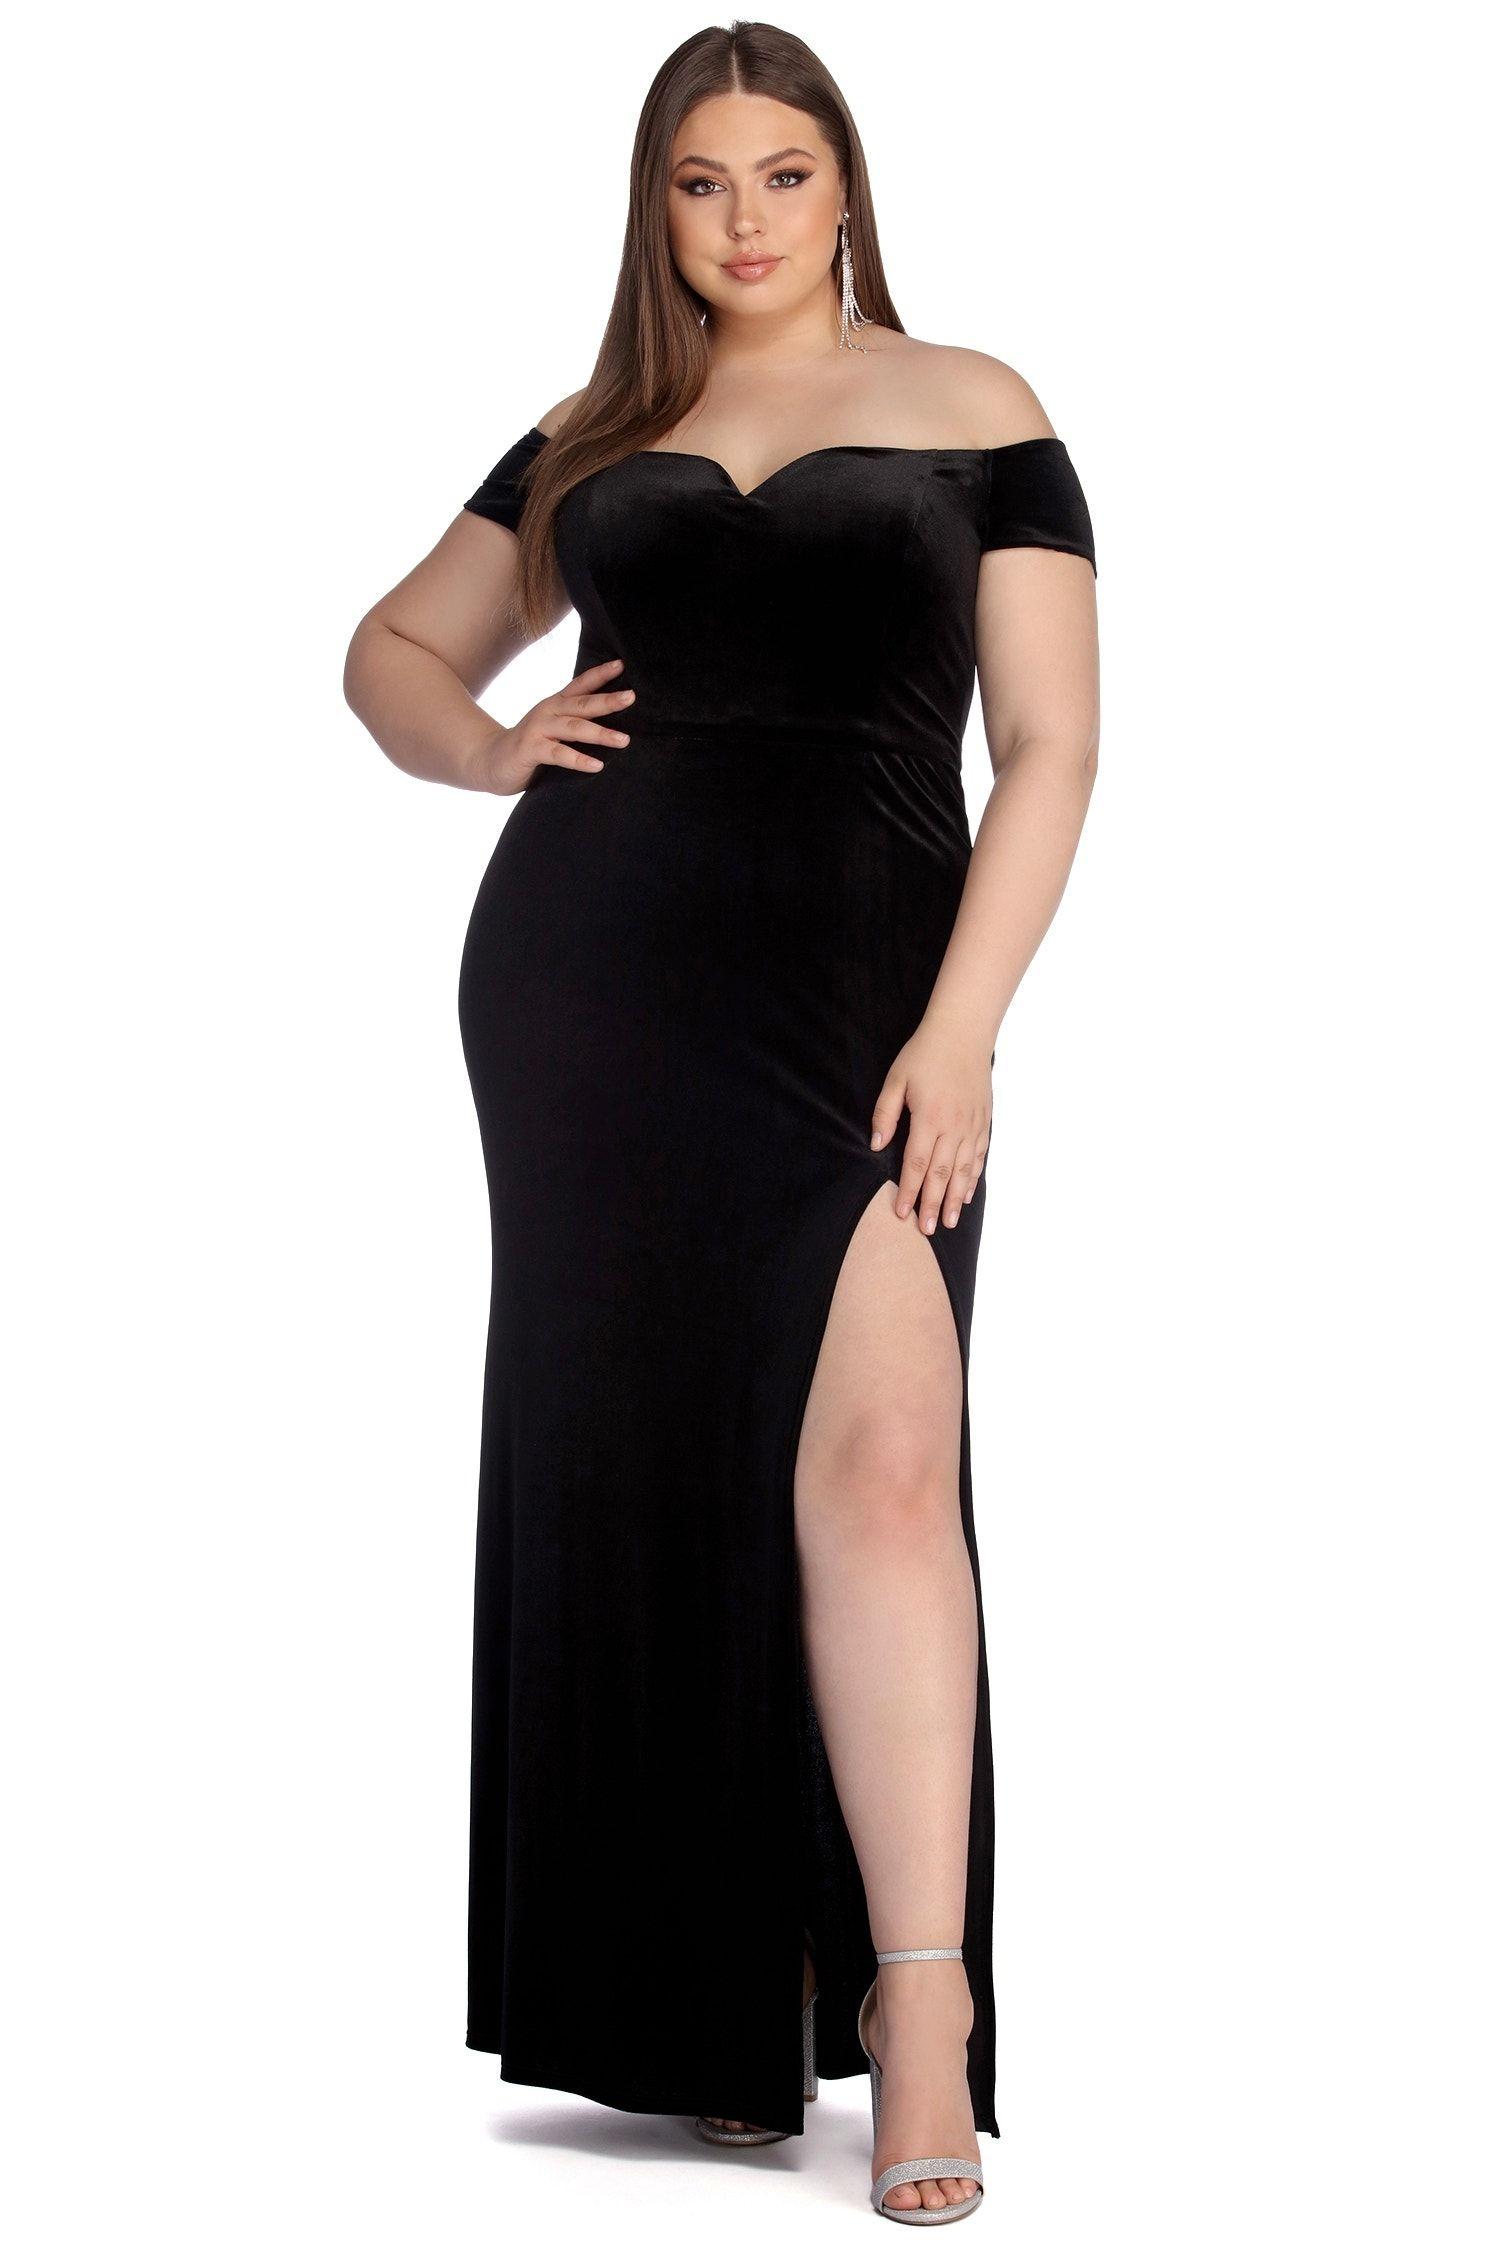 43++ Velvet wedding dress plus size info